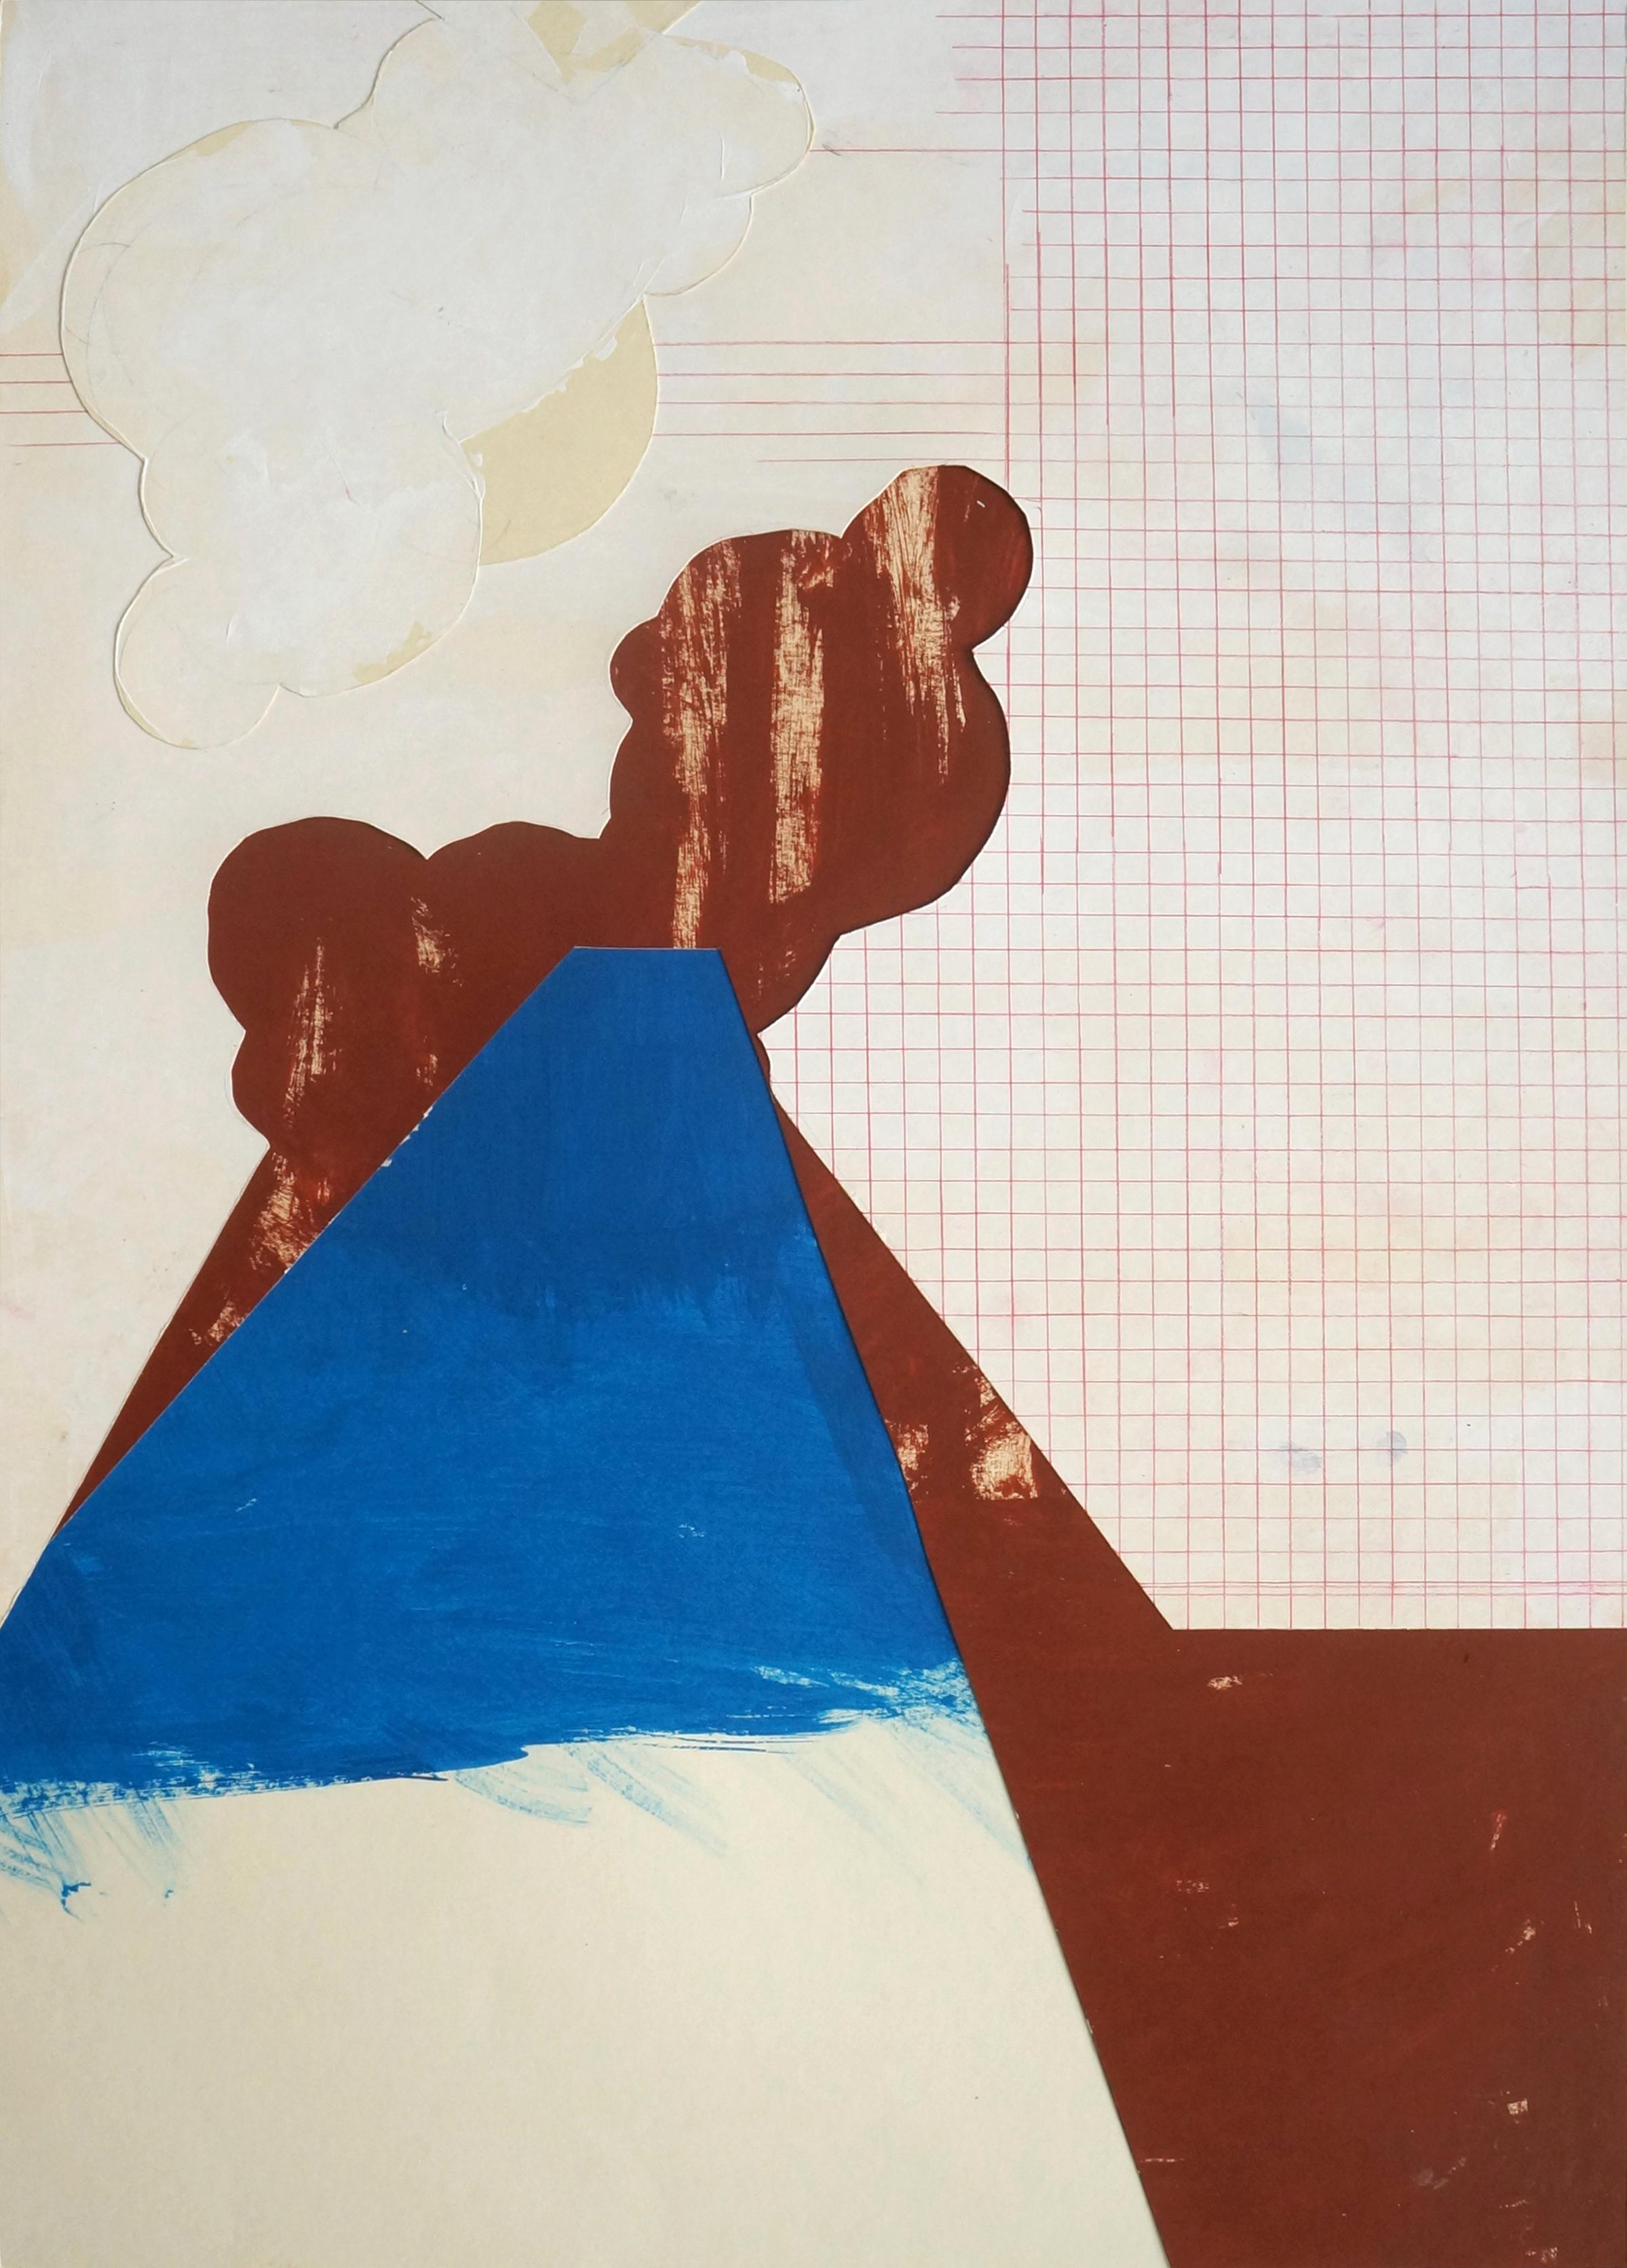 Fumerolles I  Collage, 70cm x 50cm, 2016